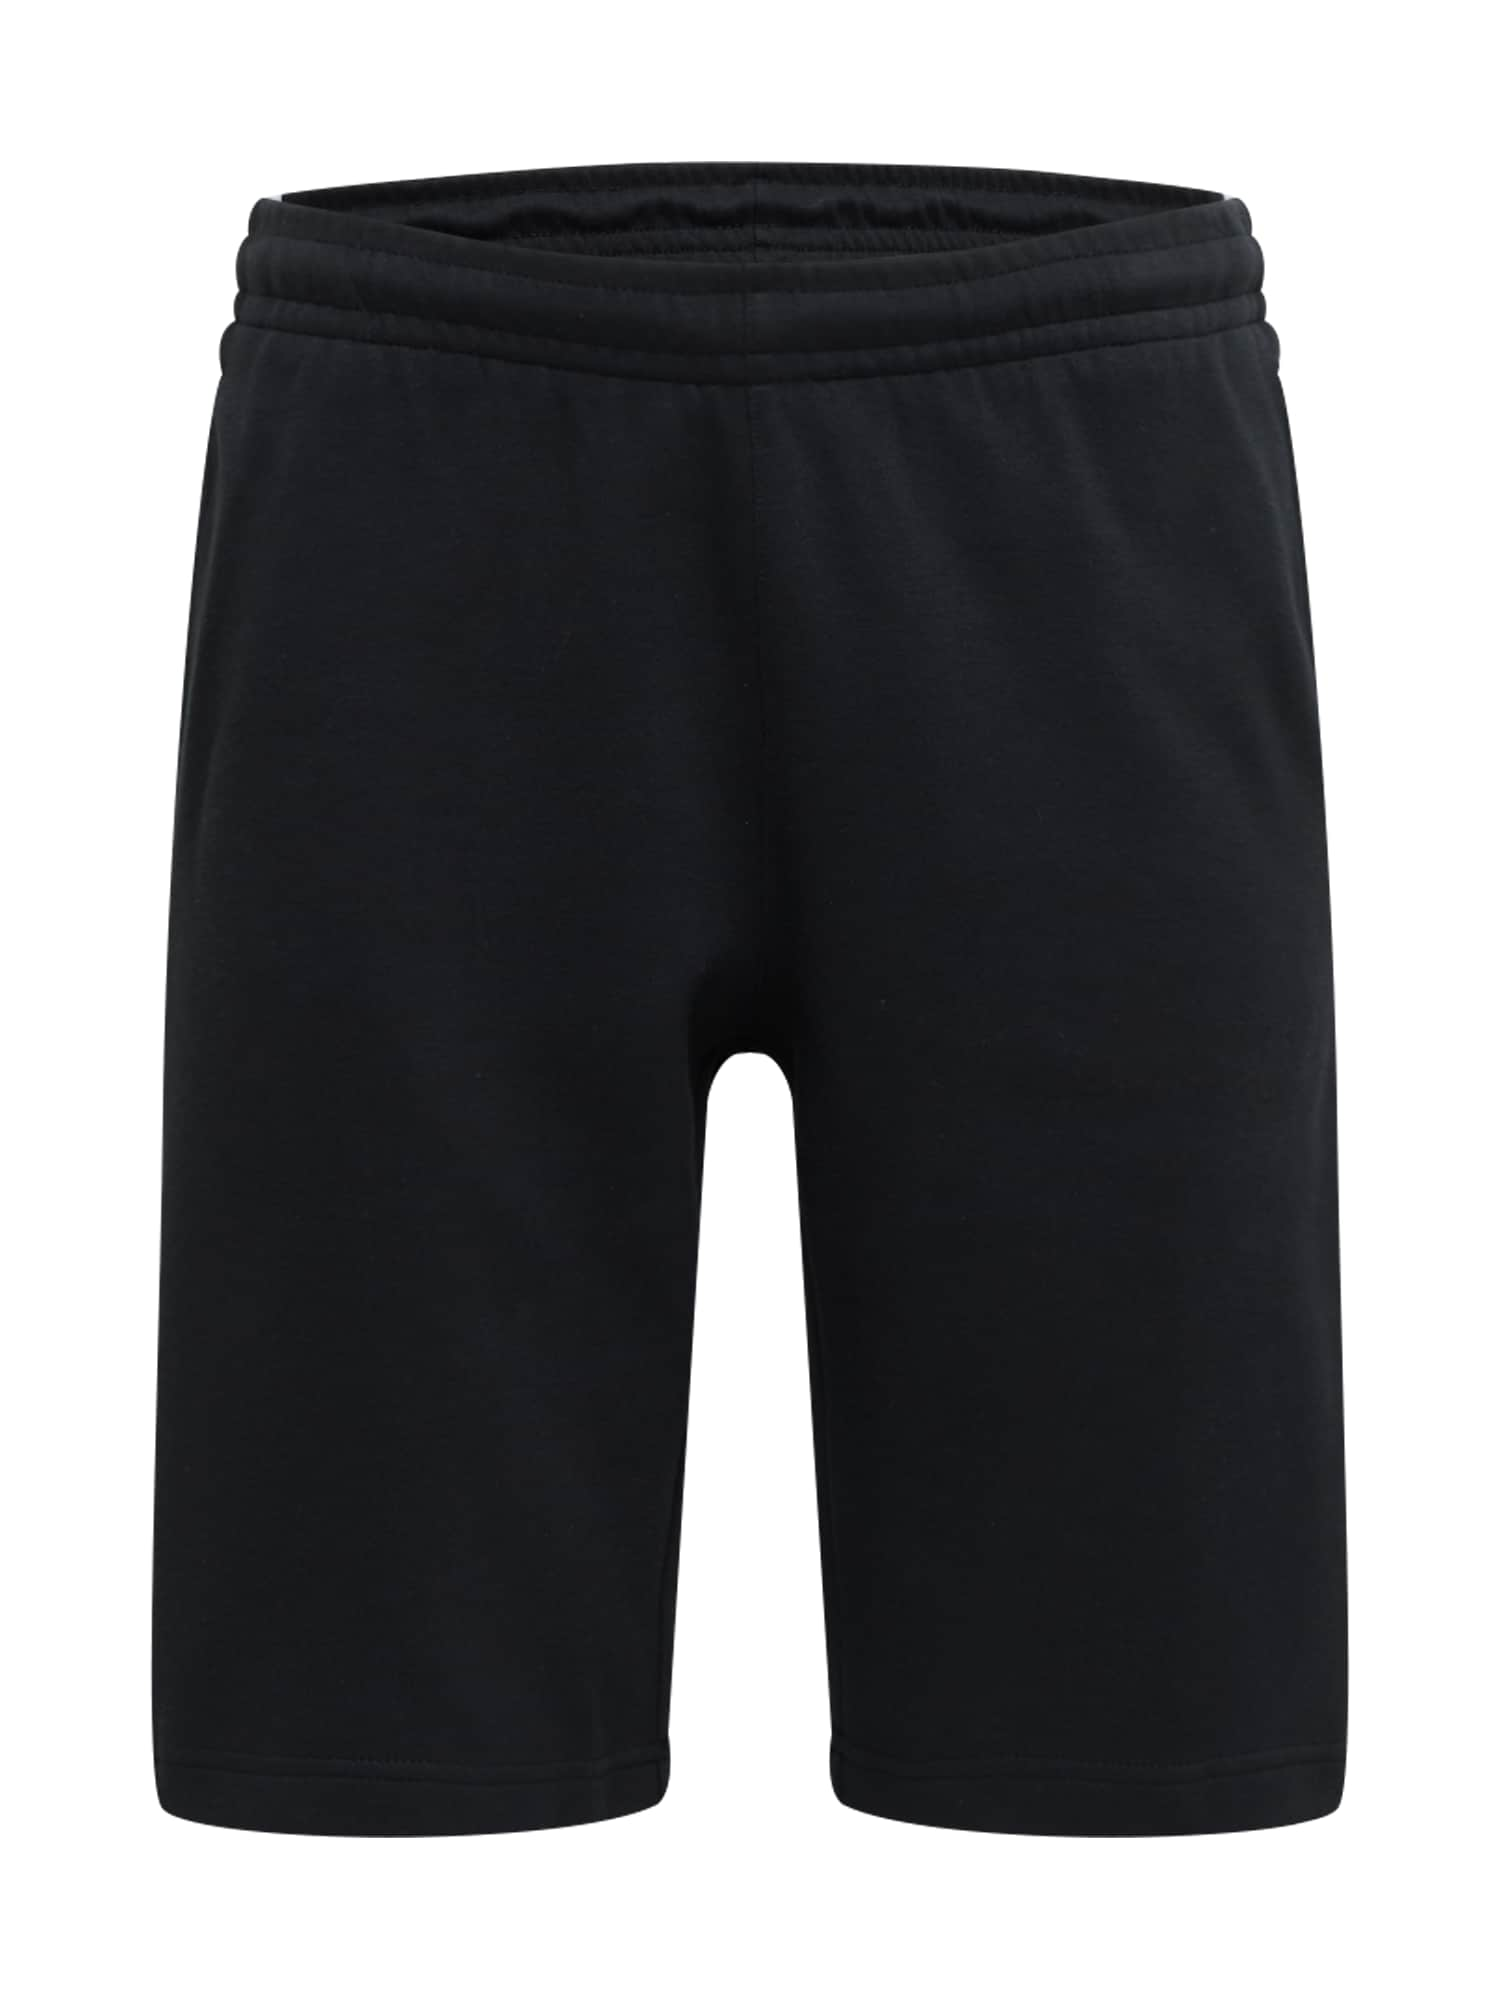 ADIDAS ORIGINALS Sportinės kelnės ' Lock Up LNG ' juoda